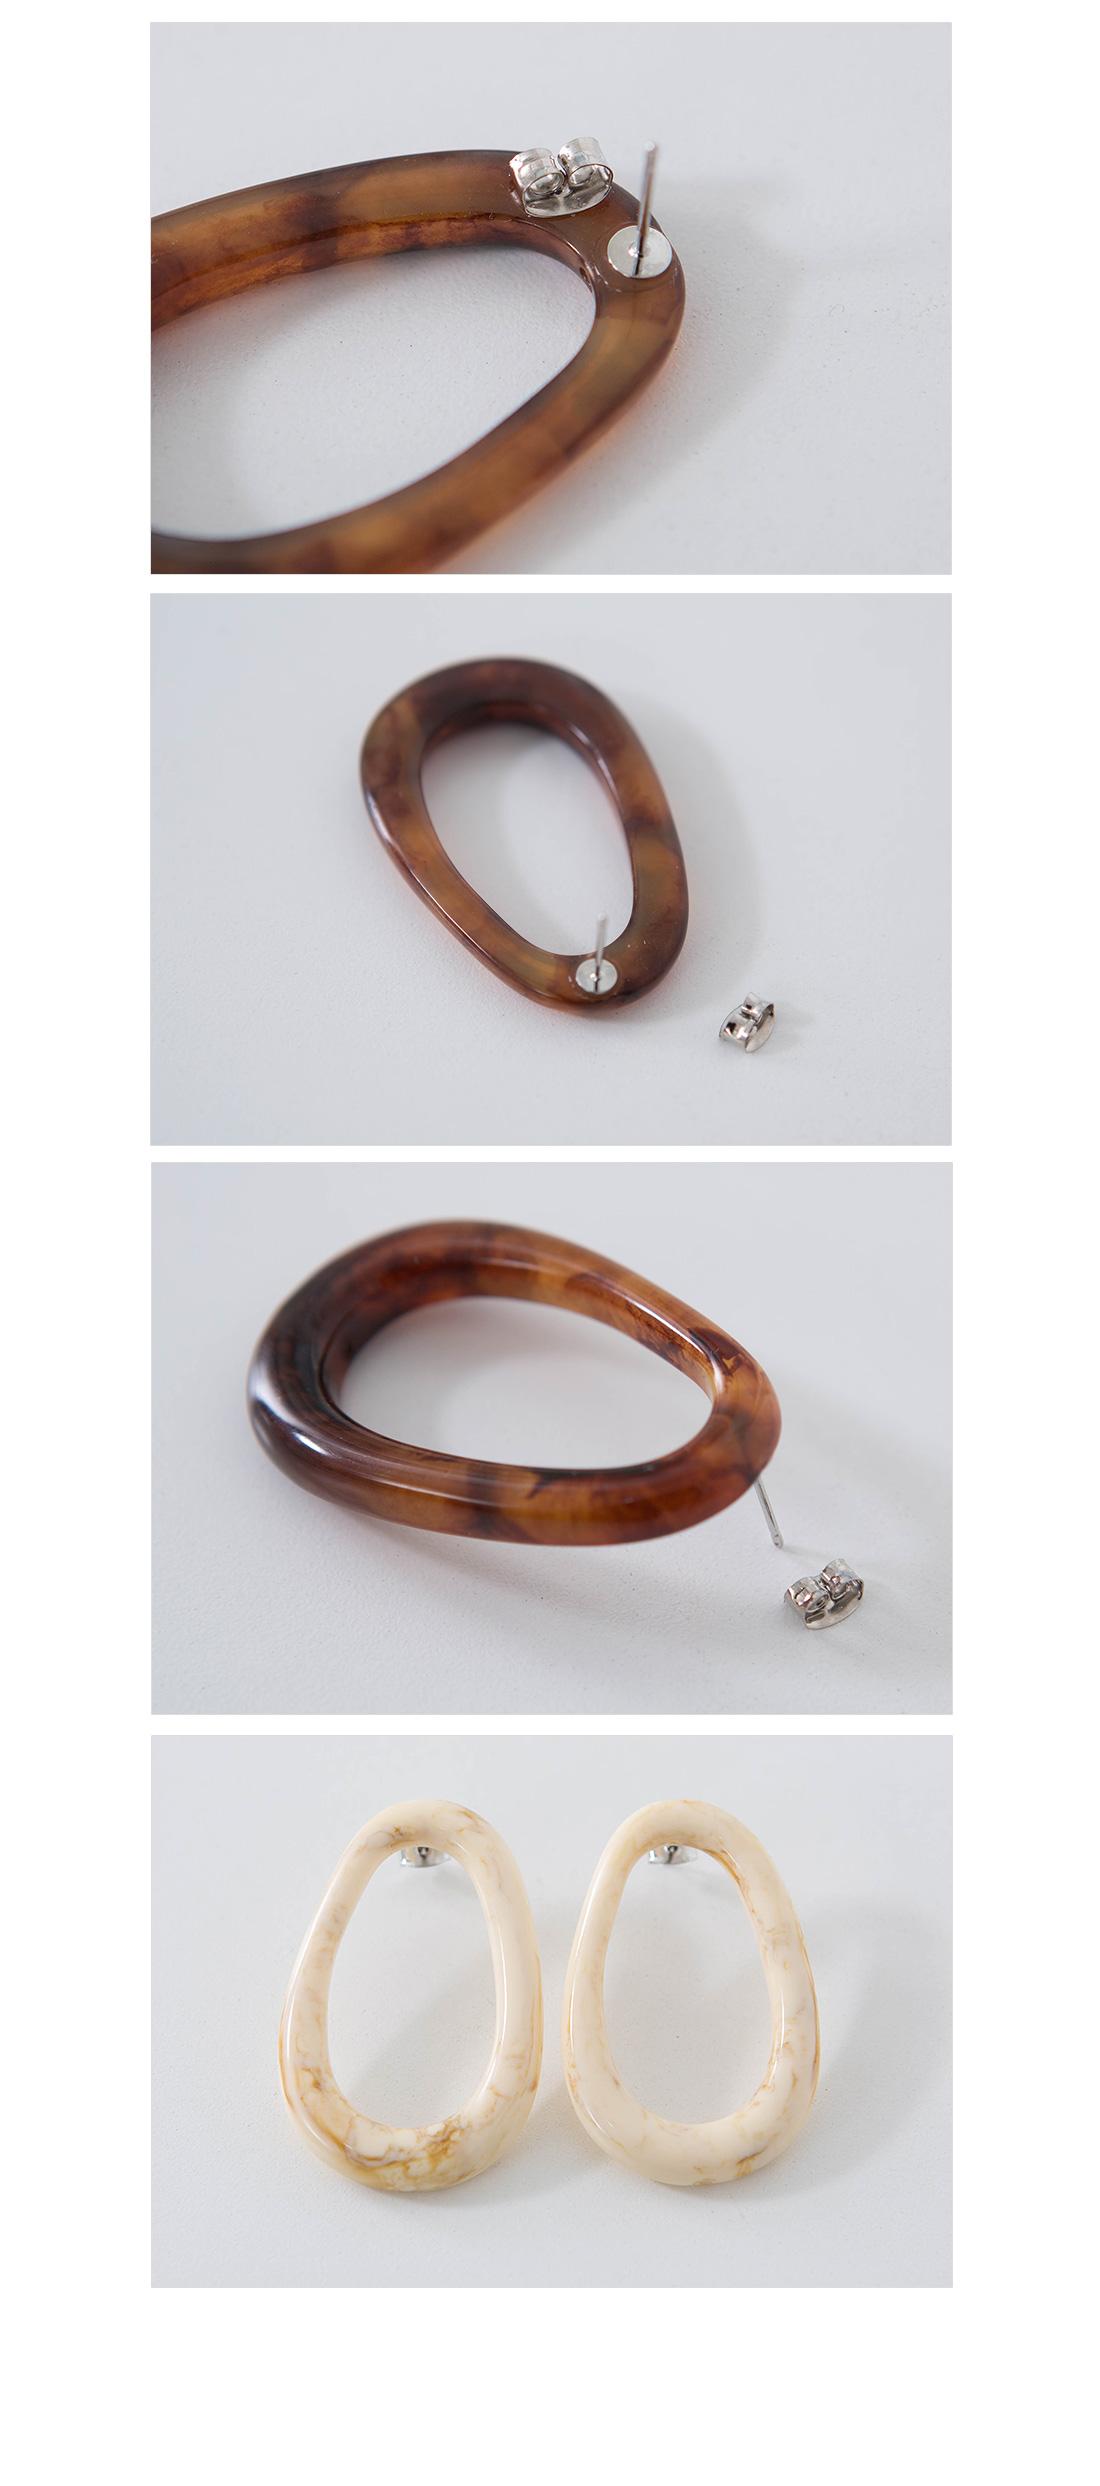 Egg shape wood pattern earrings #85325